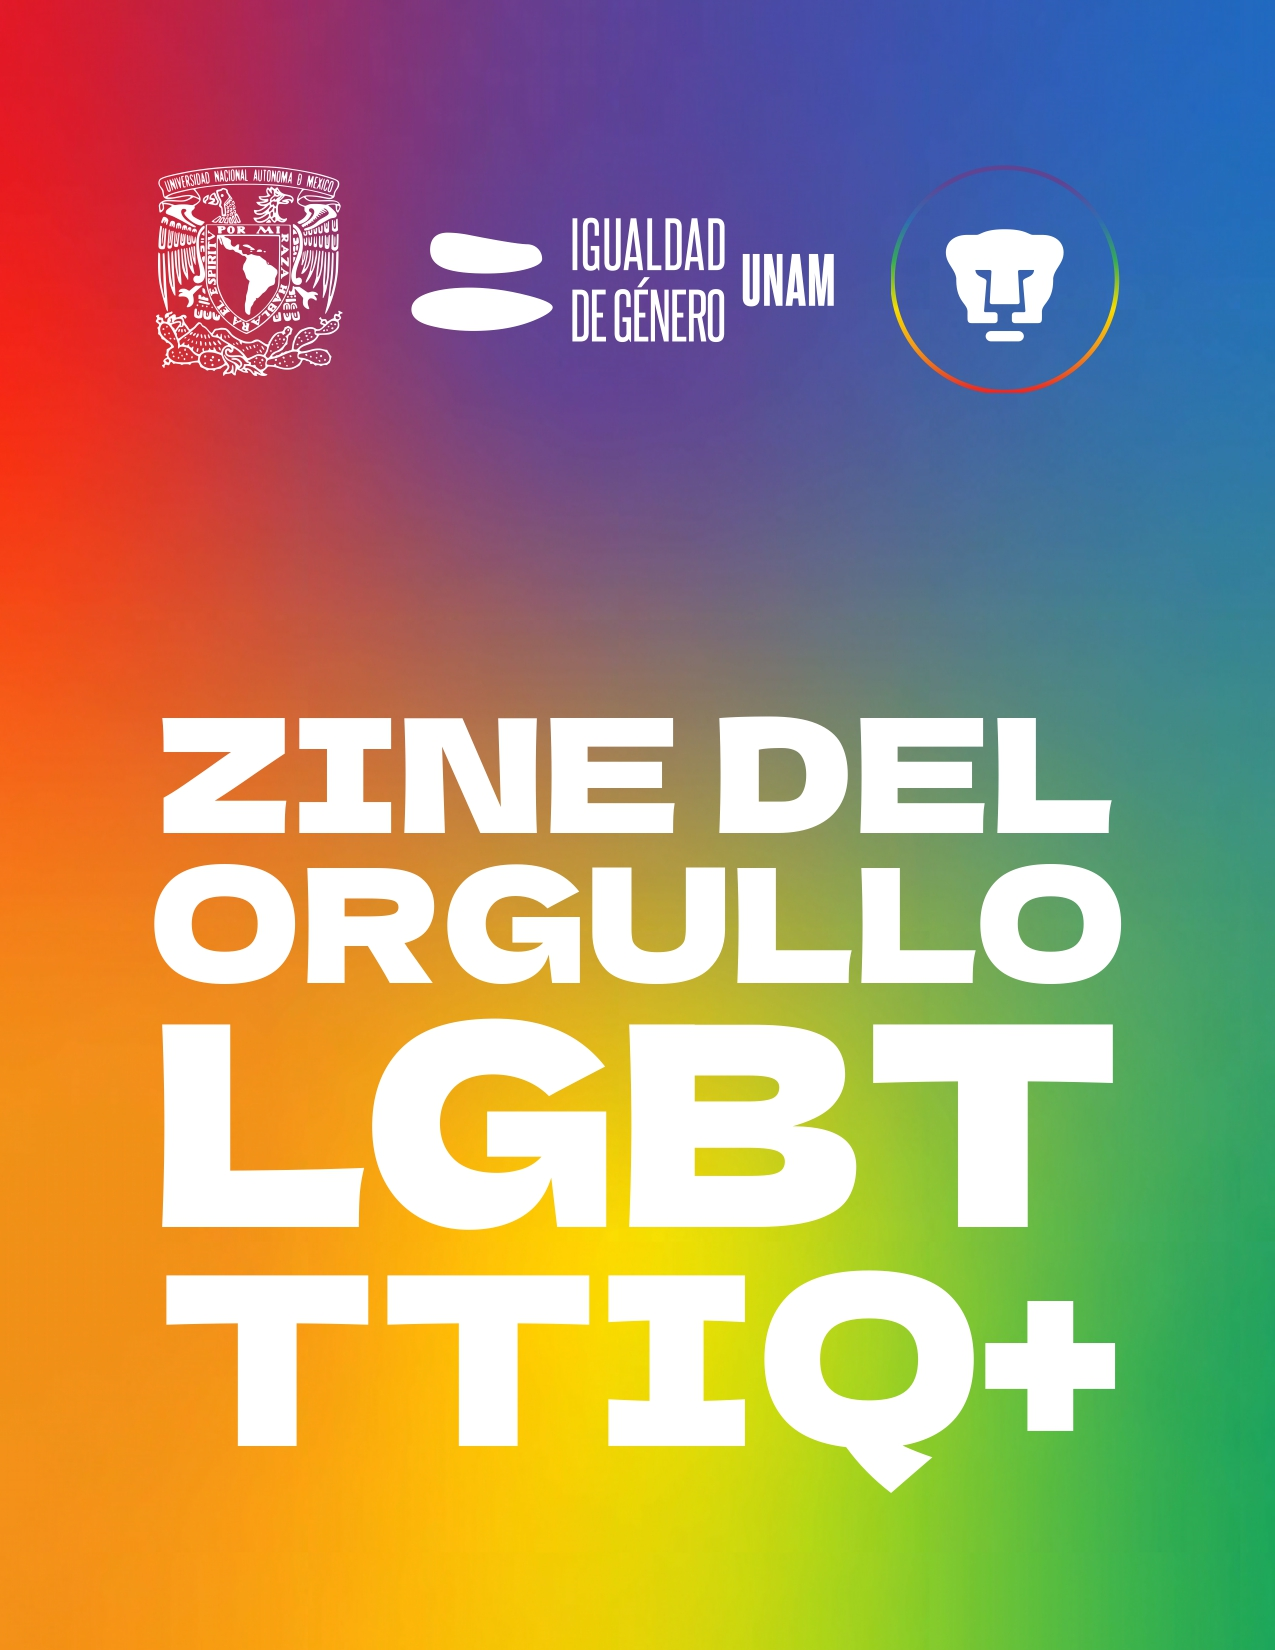 Zine del orgullo LGBTTTIQ+